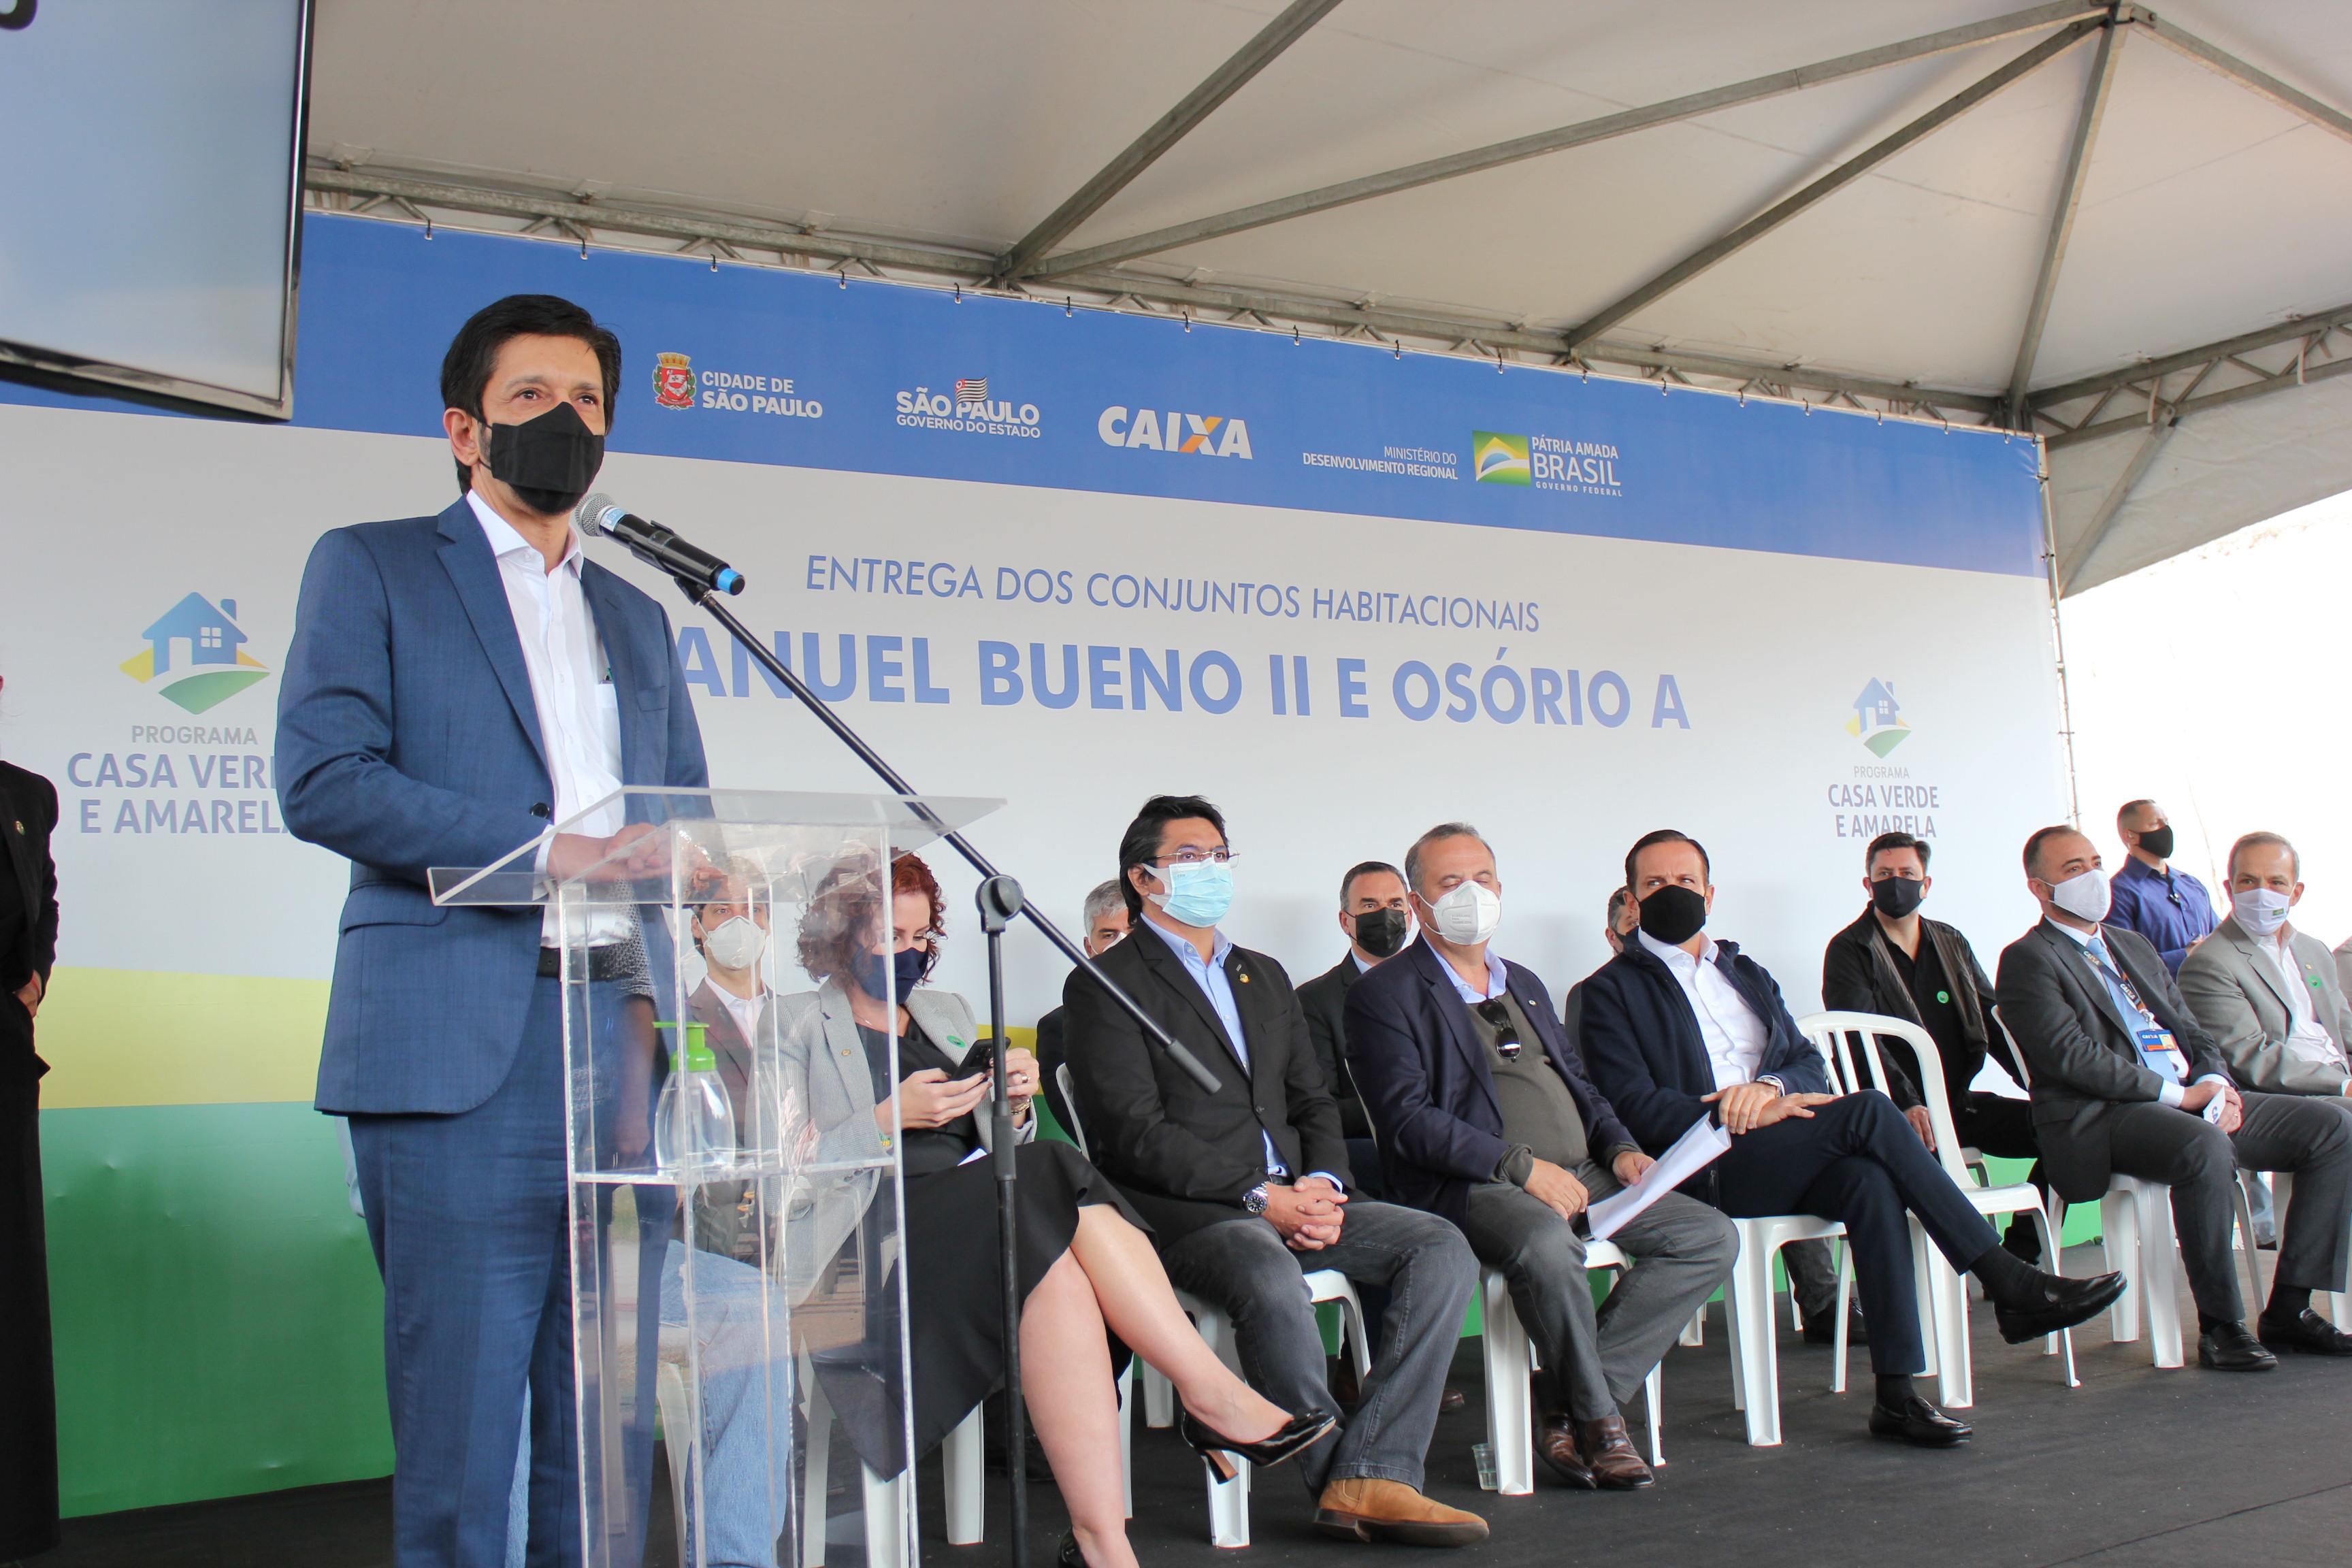 Na imagem, o prefeito Ricardo Nunes está fazendo um discurso no púlpito na parte esquerda da foto. Ele está acompanhado de autoridades que estão sentadas em cadeiras. Todos estão usando máscara.